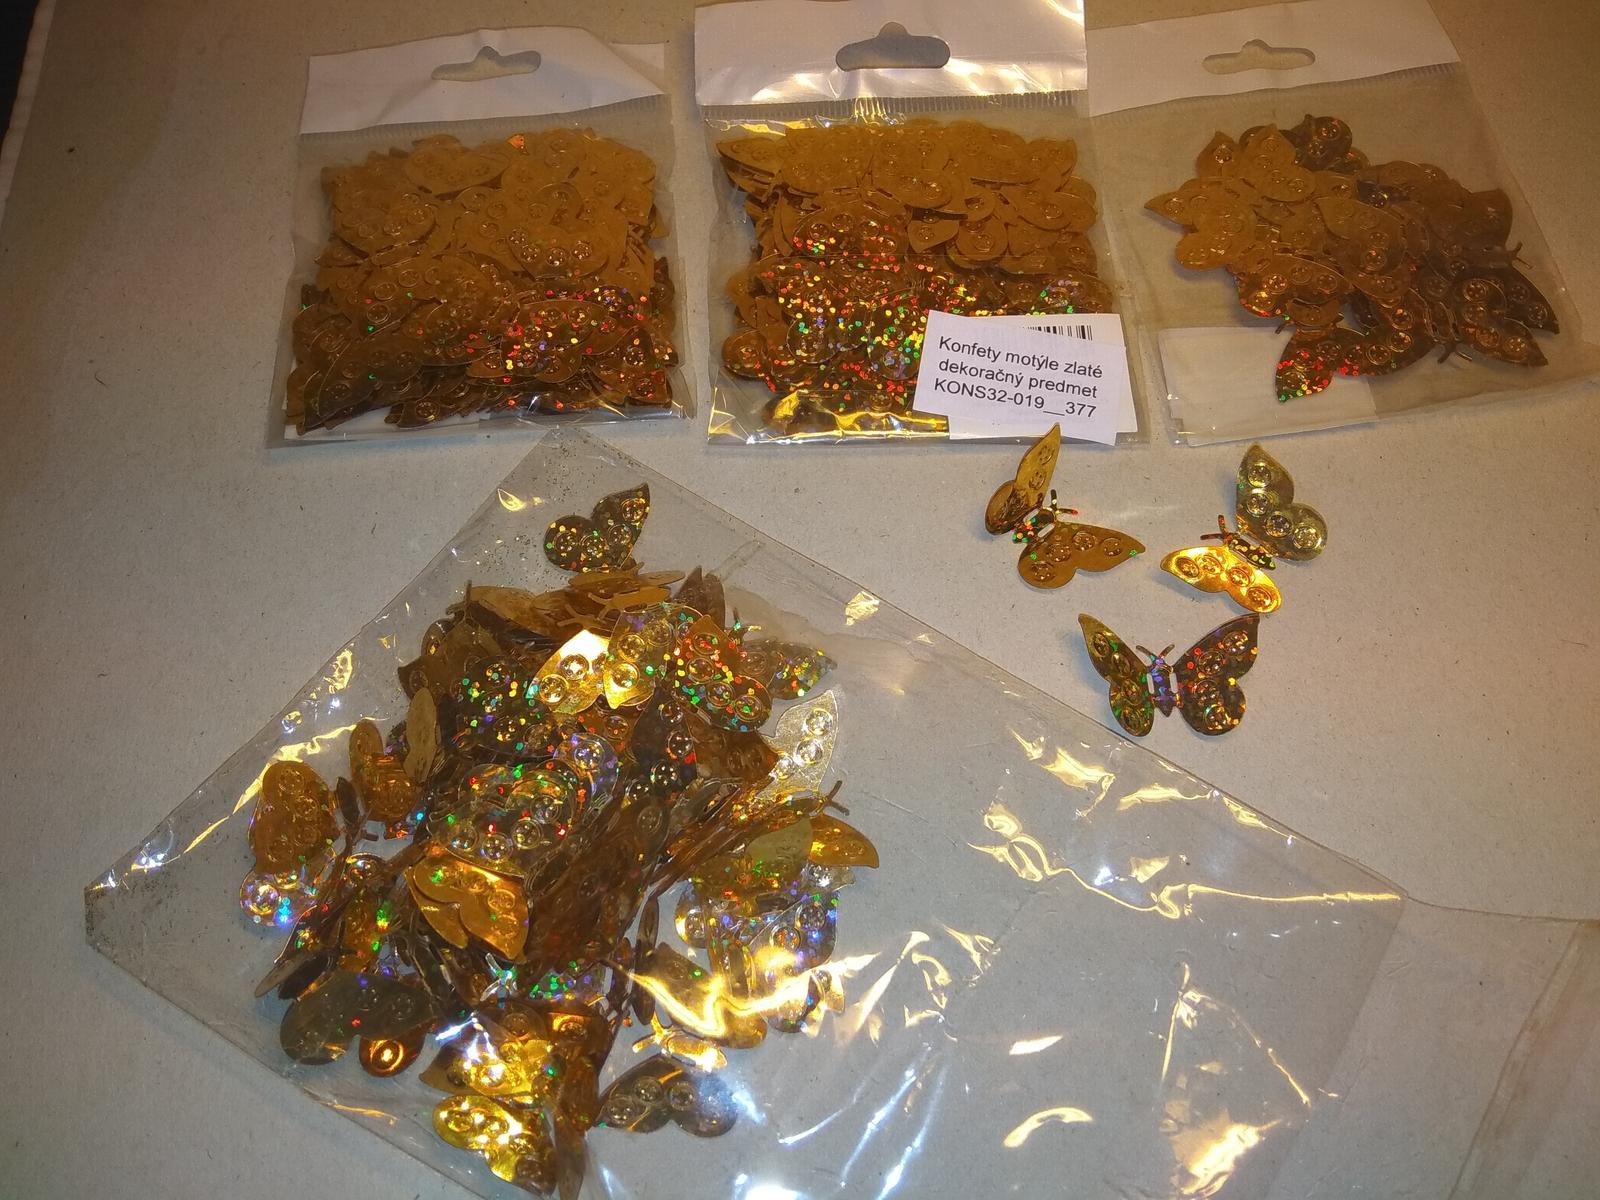 Konfety motýle zlaté - Obrázok č. 1